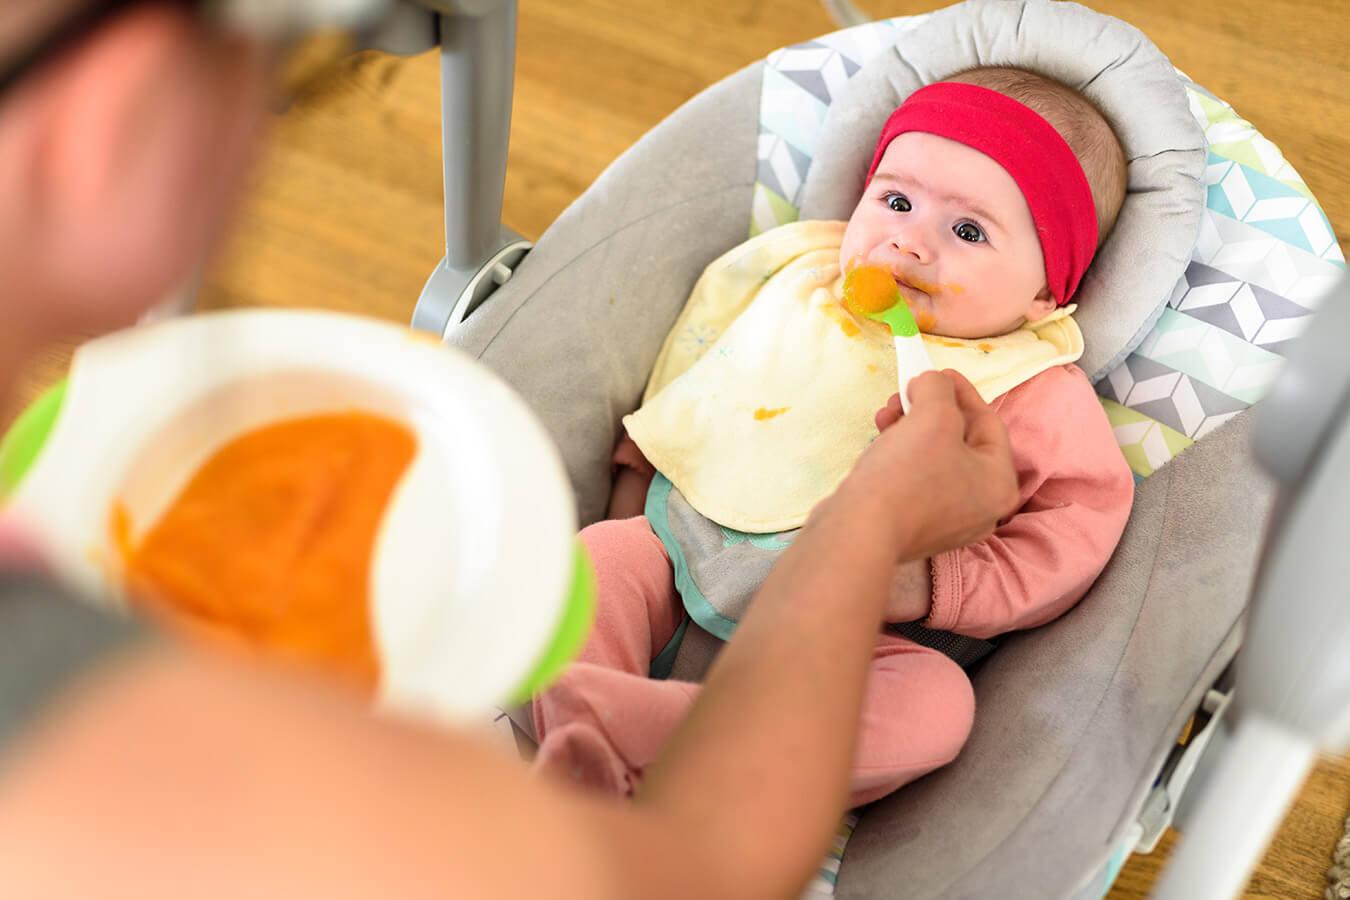 19 tygodniowe dziecko – Jak wygląda 19 tydzień życia dziecka?